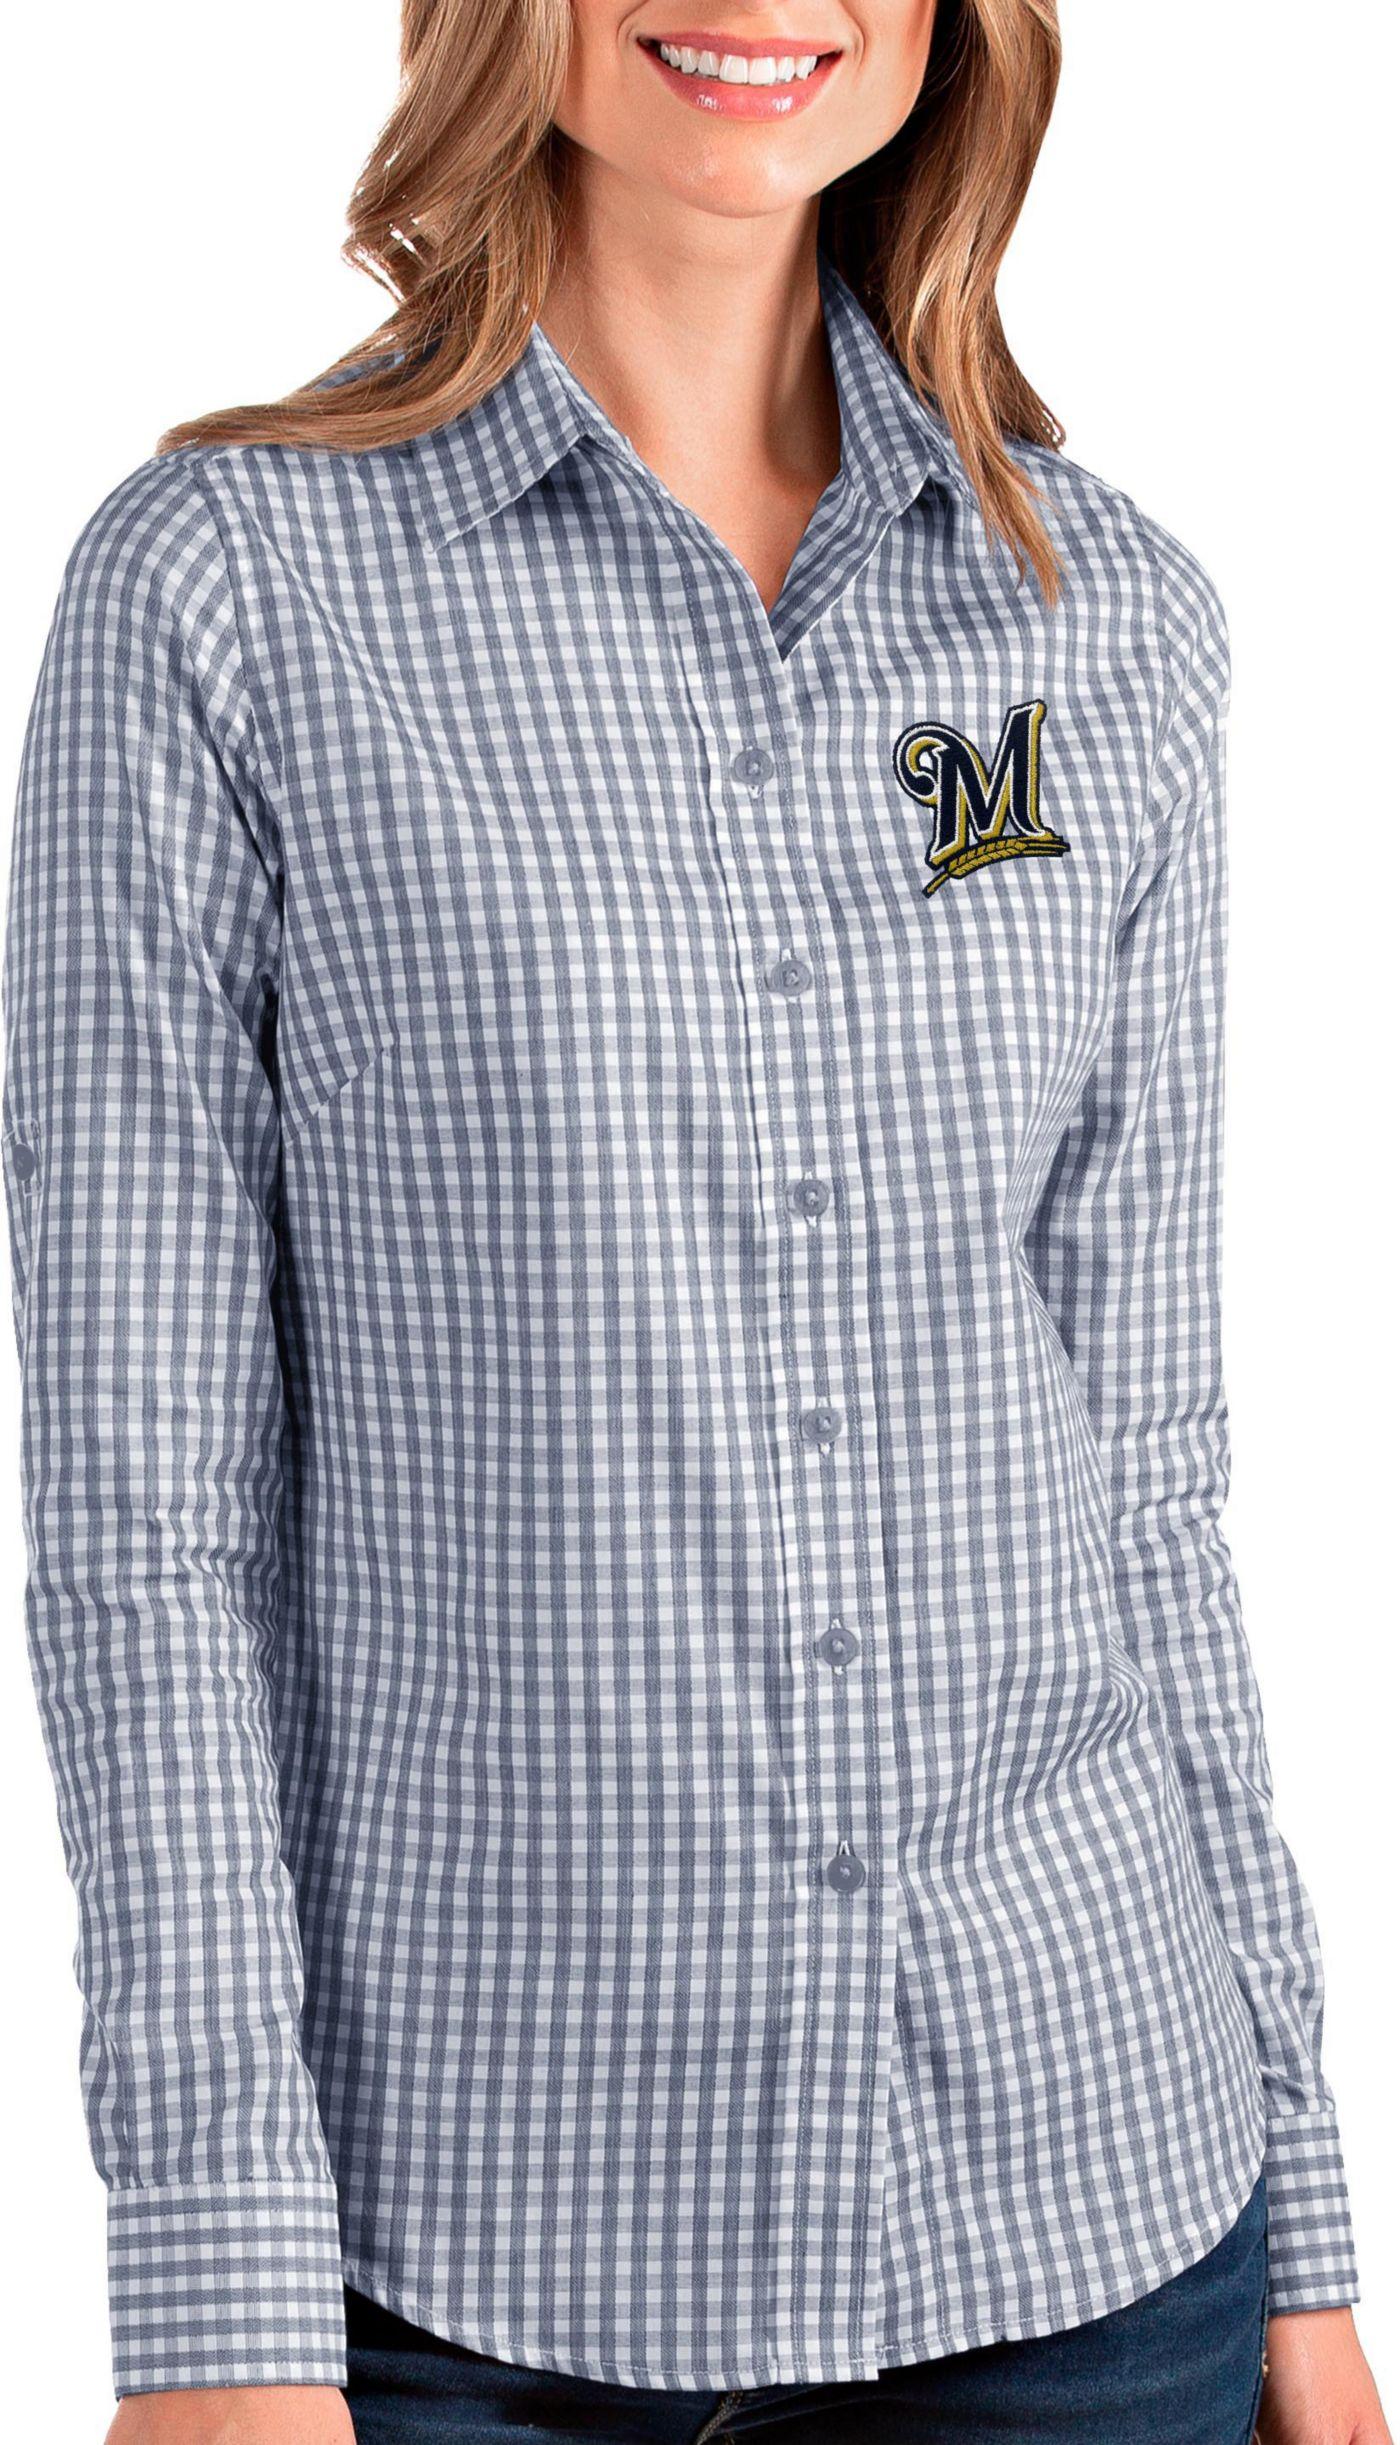 Antigua Women's Milwaukee Brewers Structure Button-Up Navy Long Sleeve Shirt